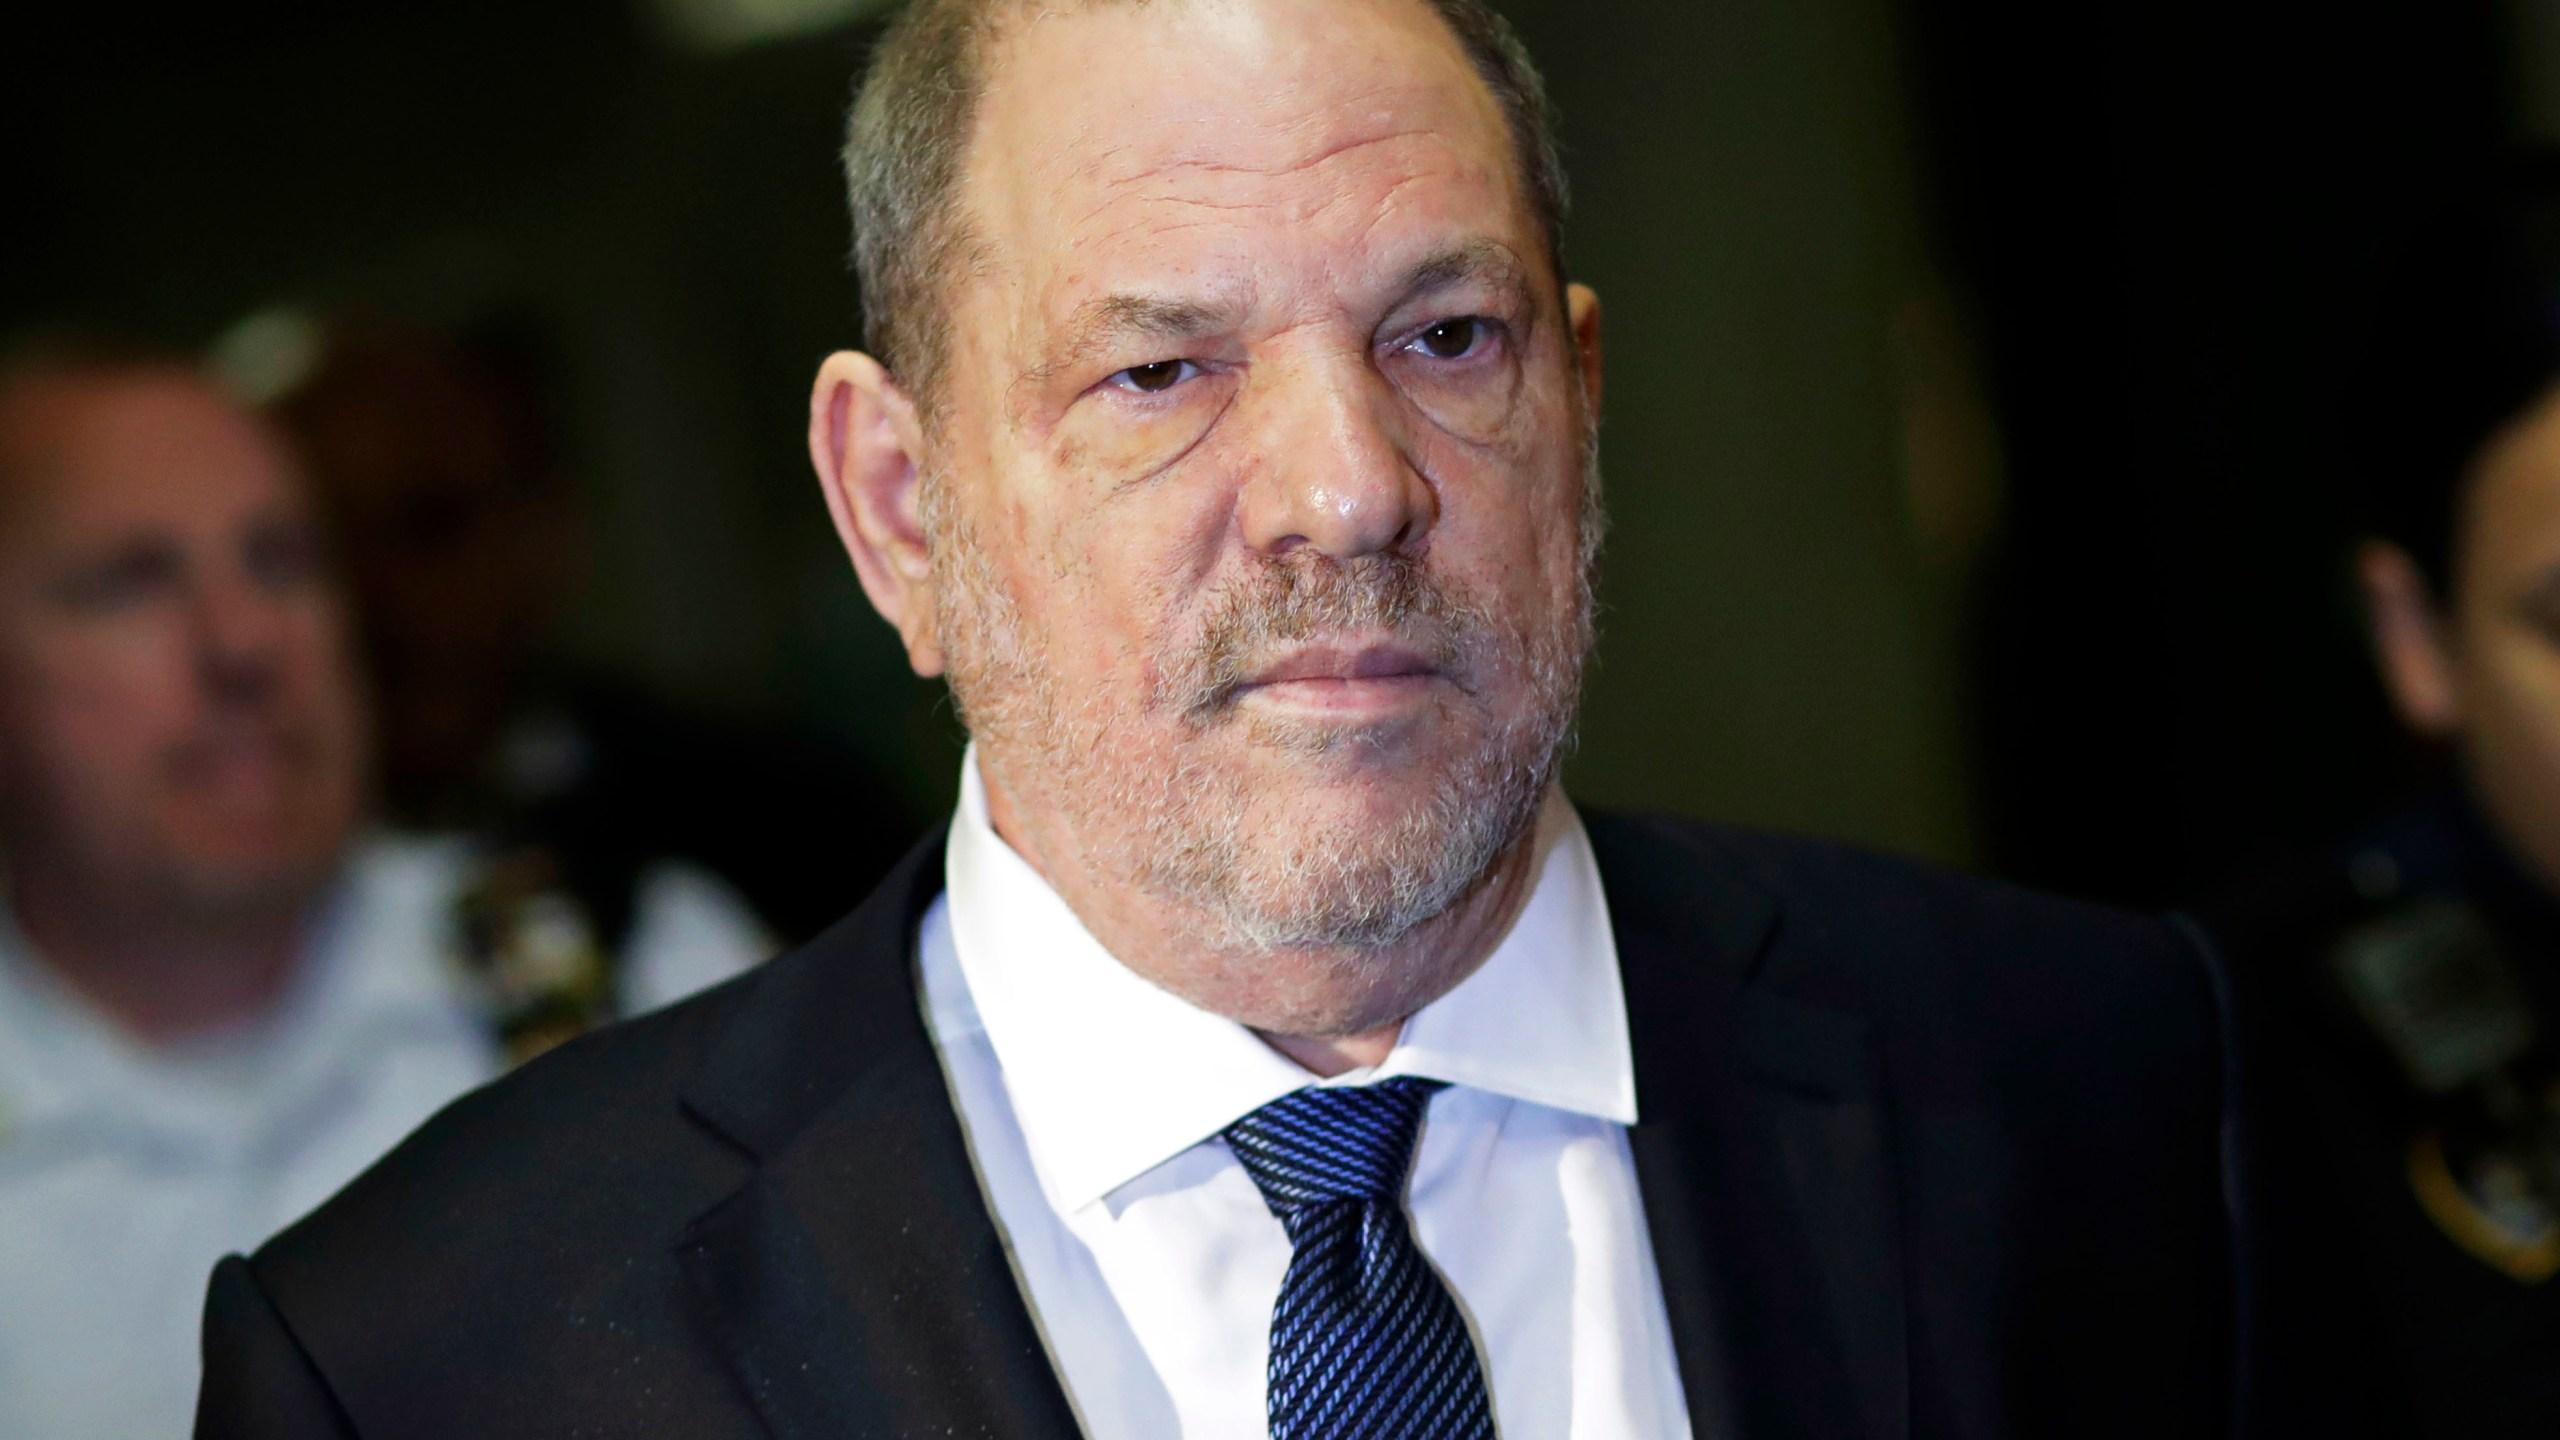 Sexual_Misconduct-Harvey_Weinstein_88029-159532.jpg63038366